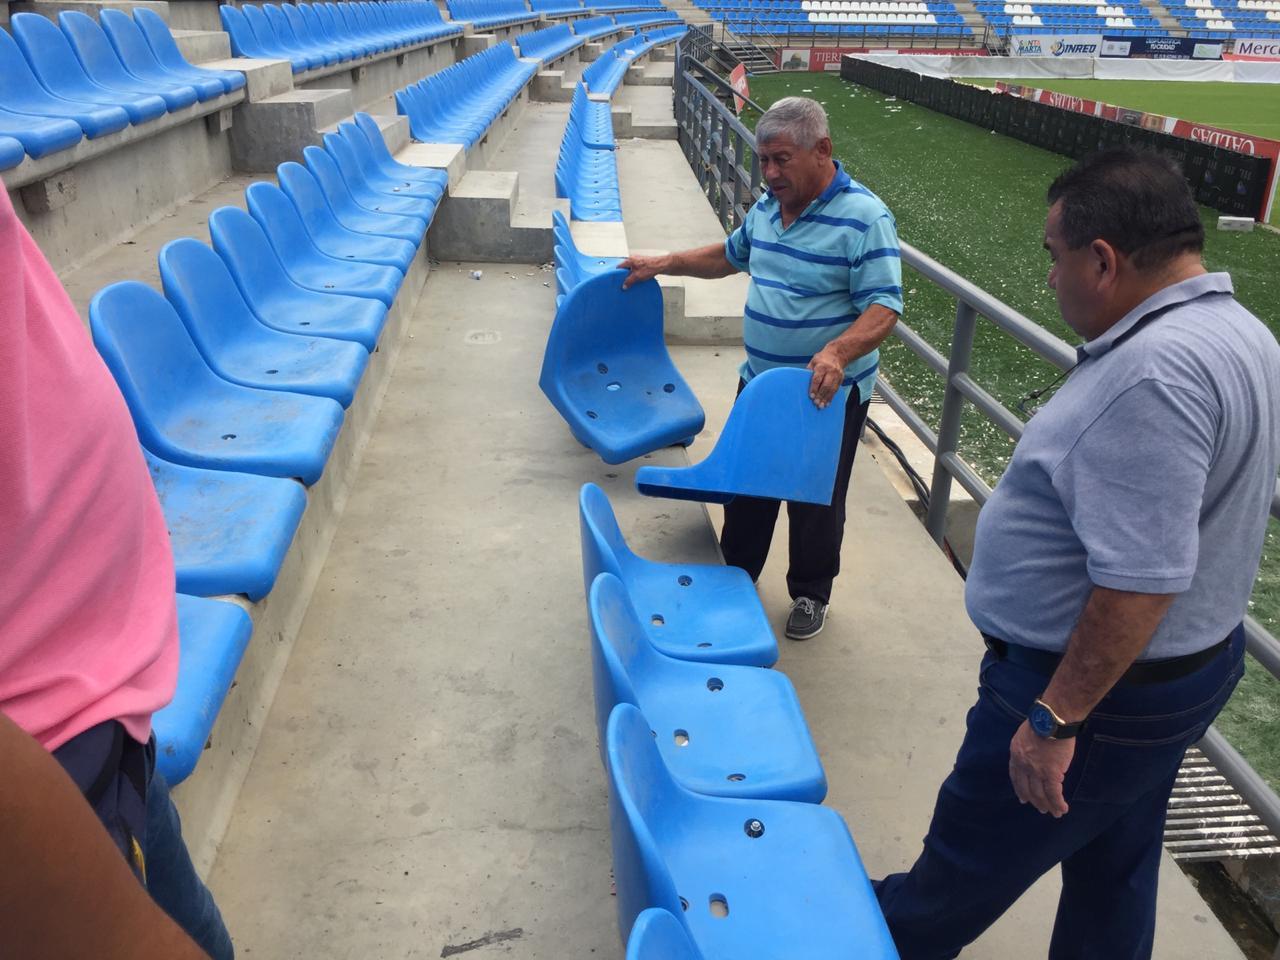 Los desadaptados arrancaron sillas de la tribuna para agredir a los jugadores.